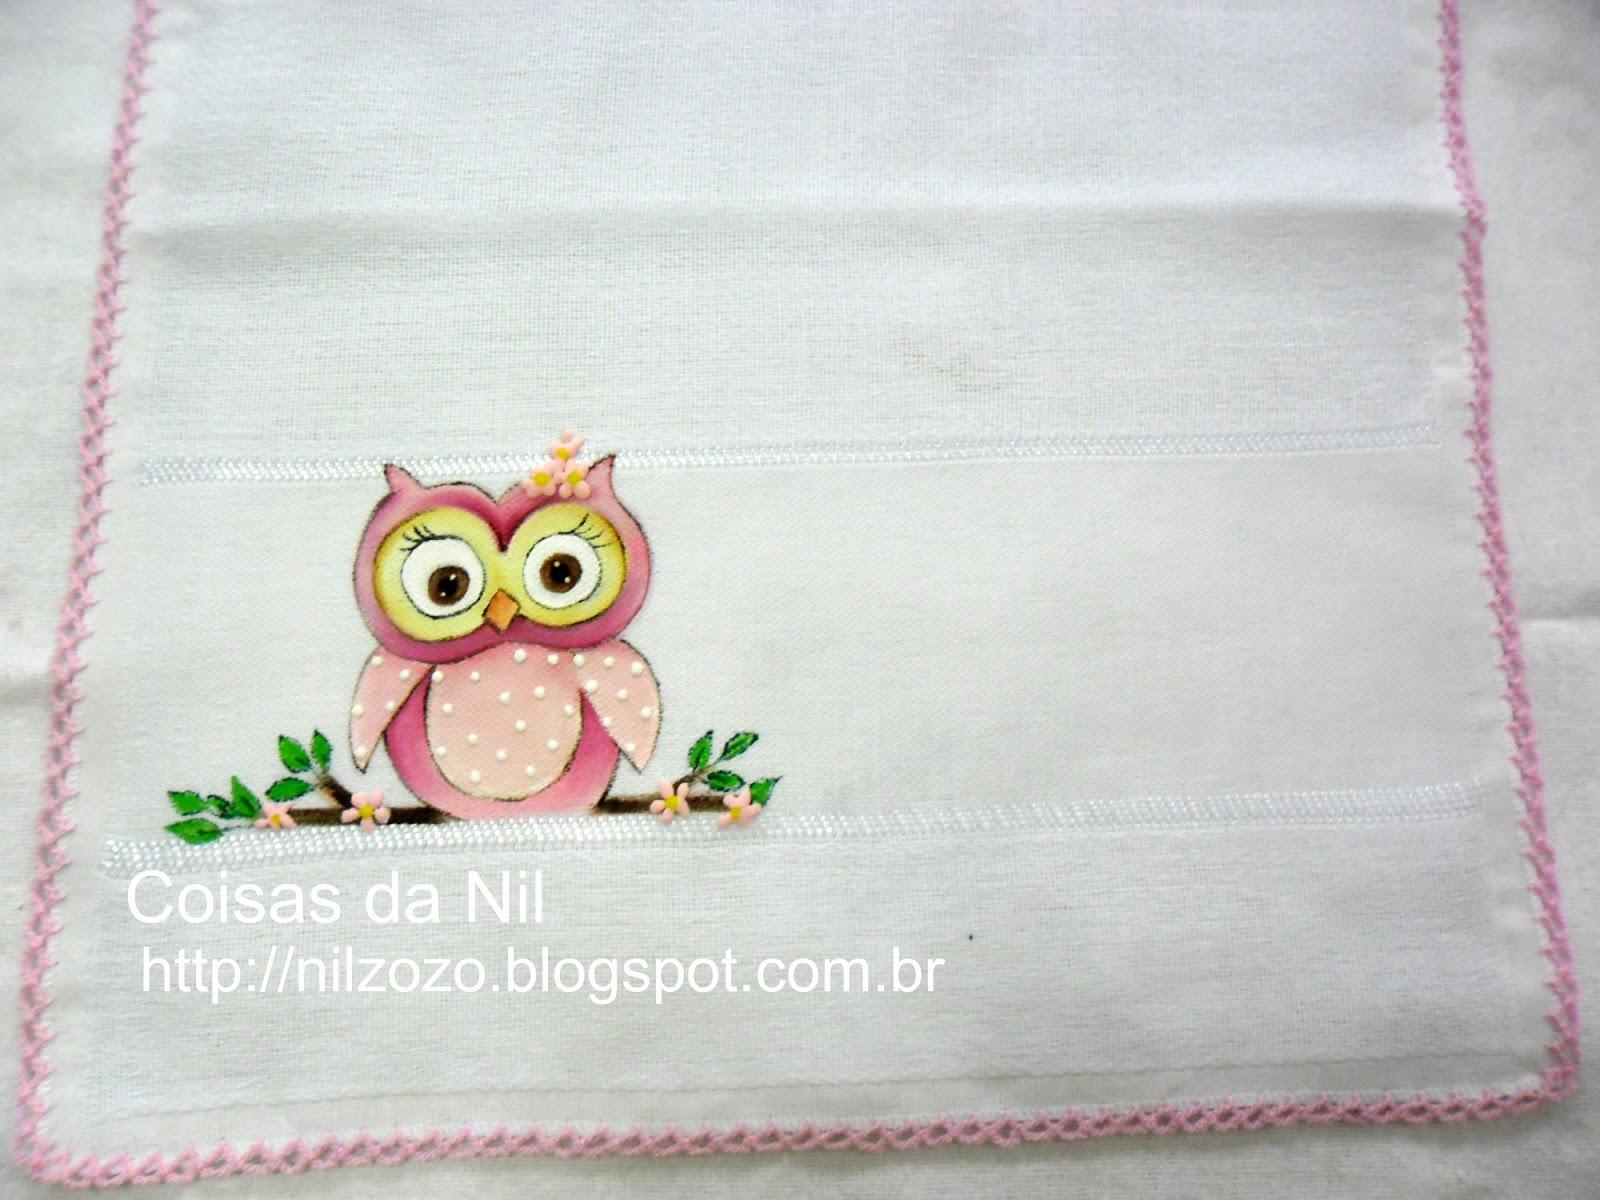 Excepcional Coisas da Nil - Pintura em tecido: Coruja ahahah!!!! EH51